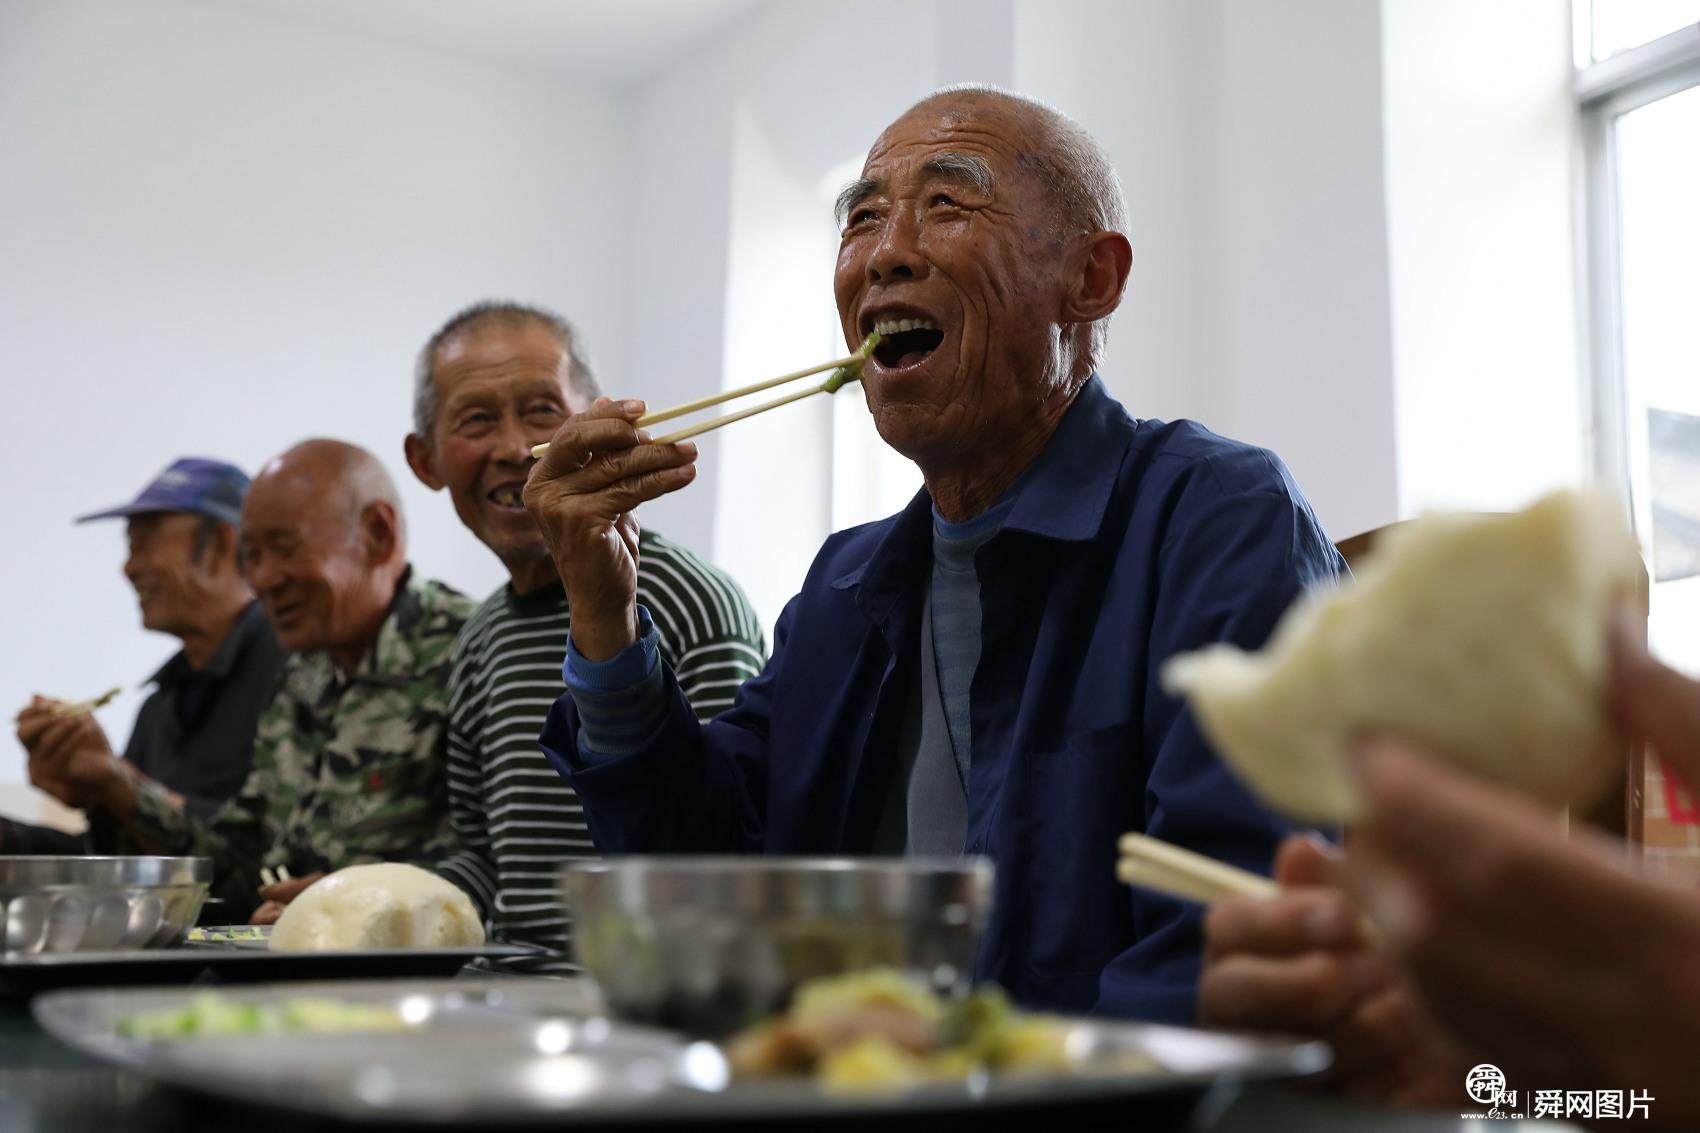 """山东威海:退休女工开启""""幸福食堂"""" 为农村老人打造""""爱心餐"""""""